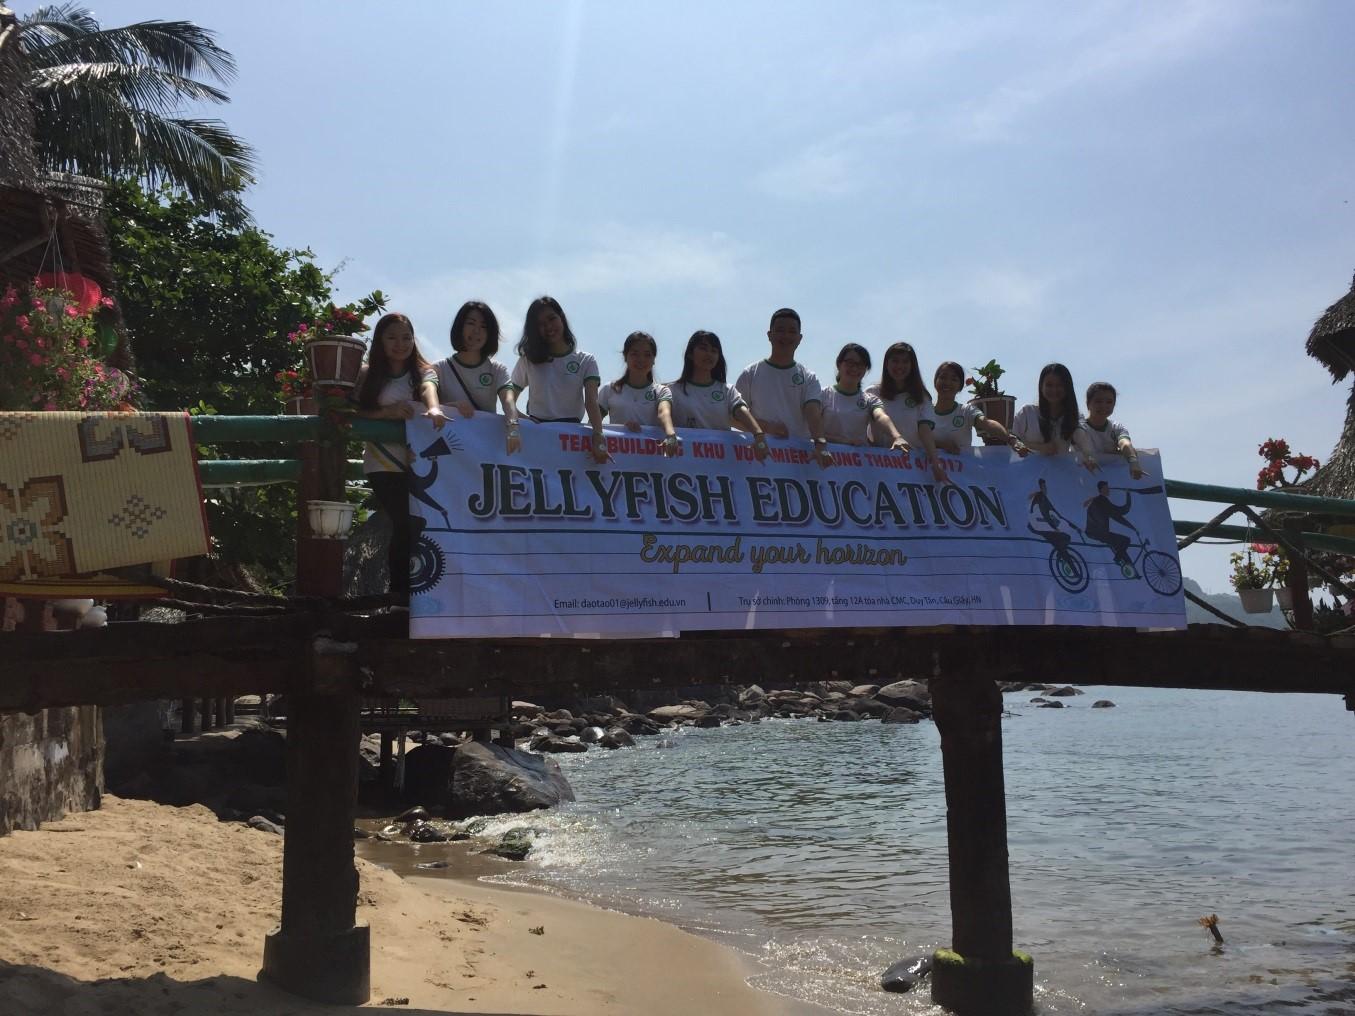 Jellyfish Miền Trung (Huế, Đà Nẵng)